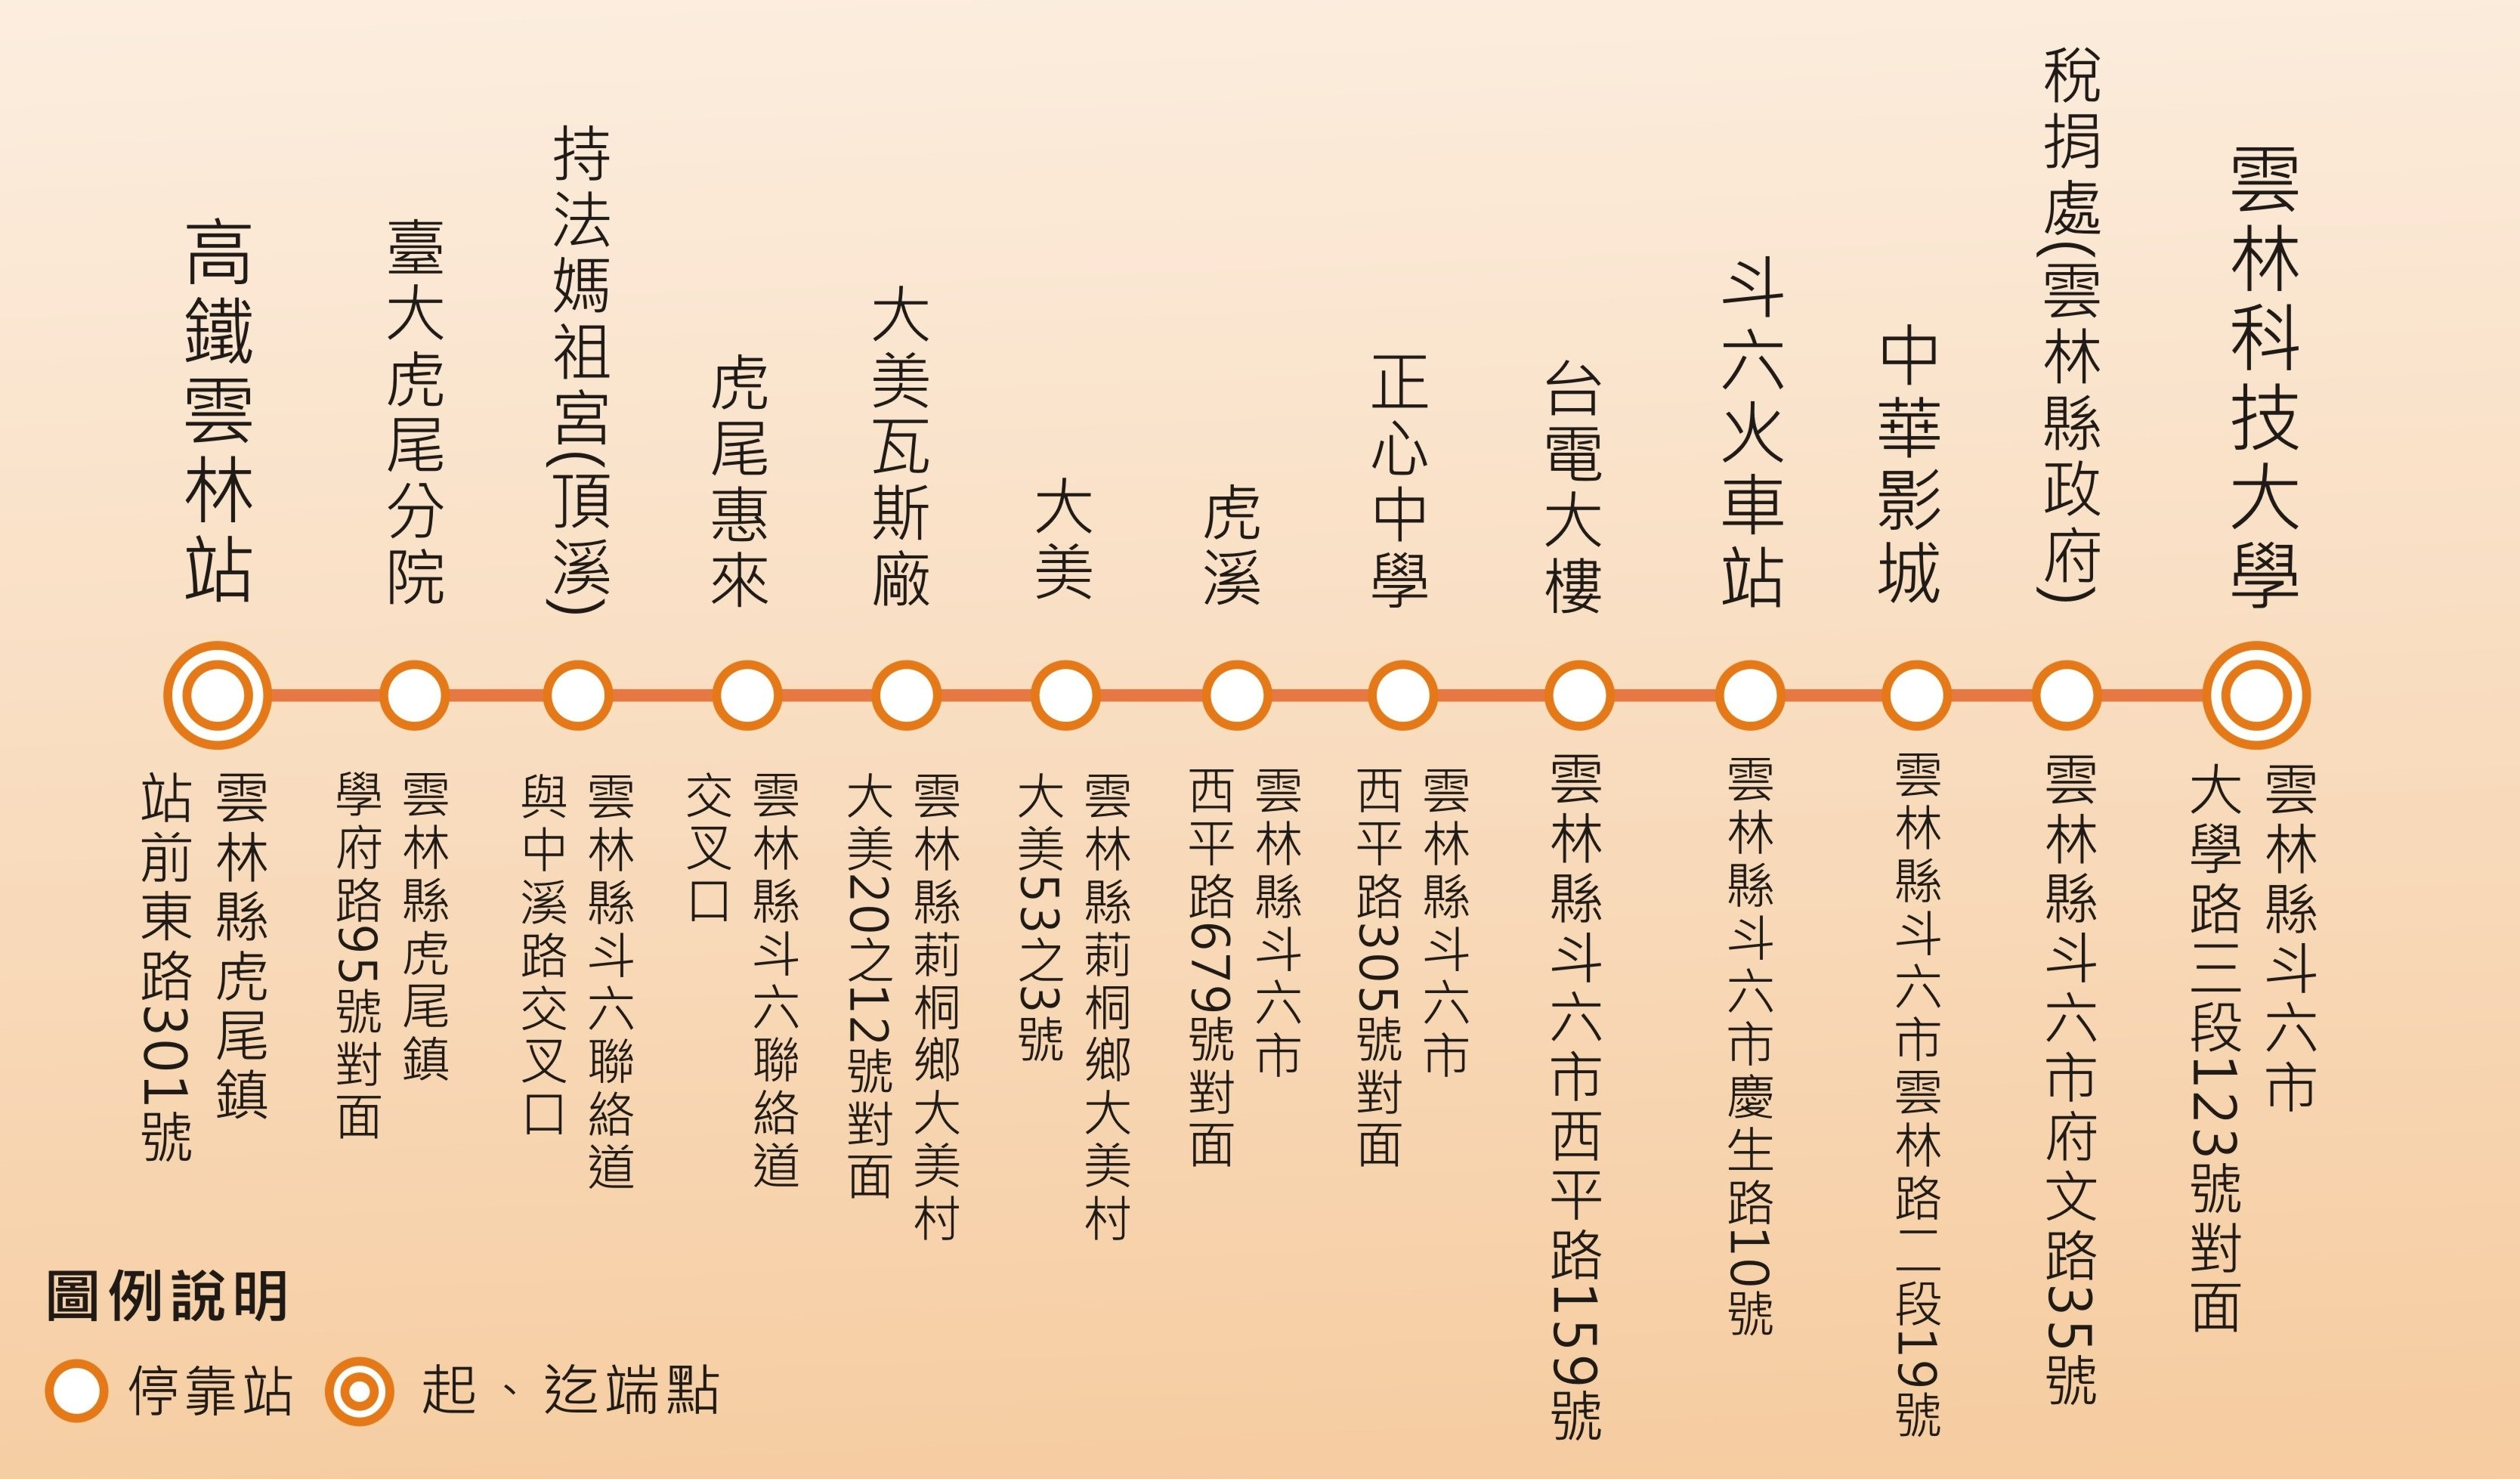 分享│雲林高鐵站客運和快捷接駁車時刻表資訊 (2017.10 更新) @ ME 旅食 :: 痞客邦